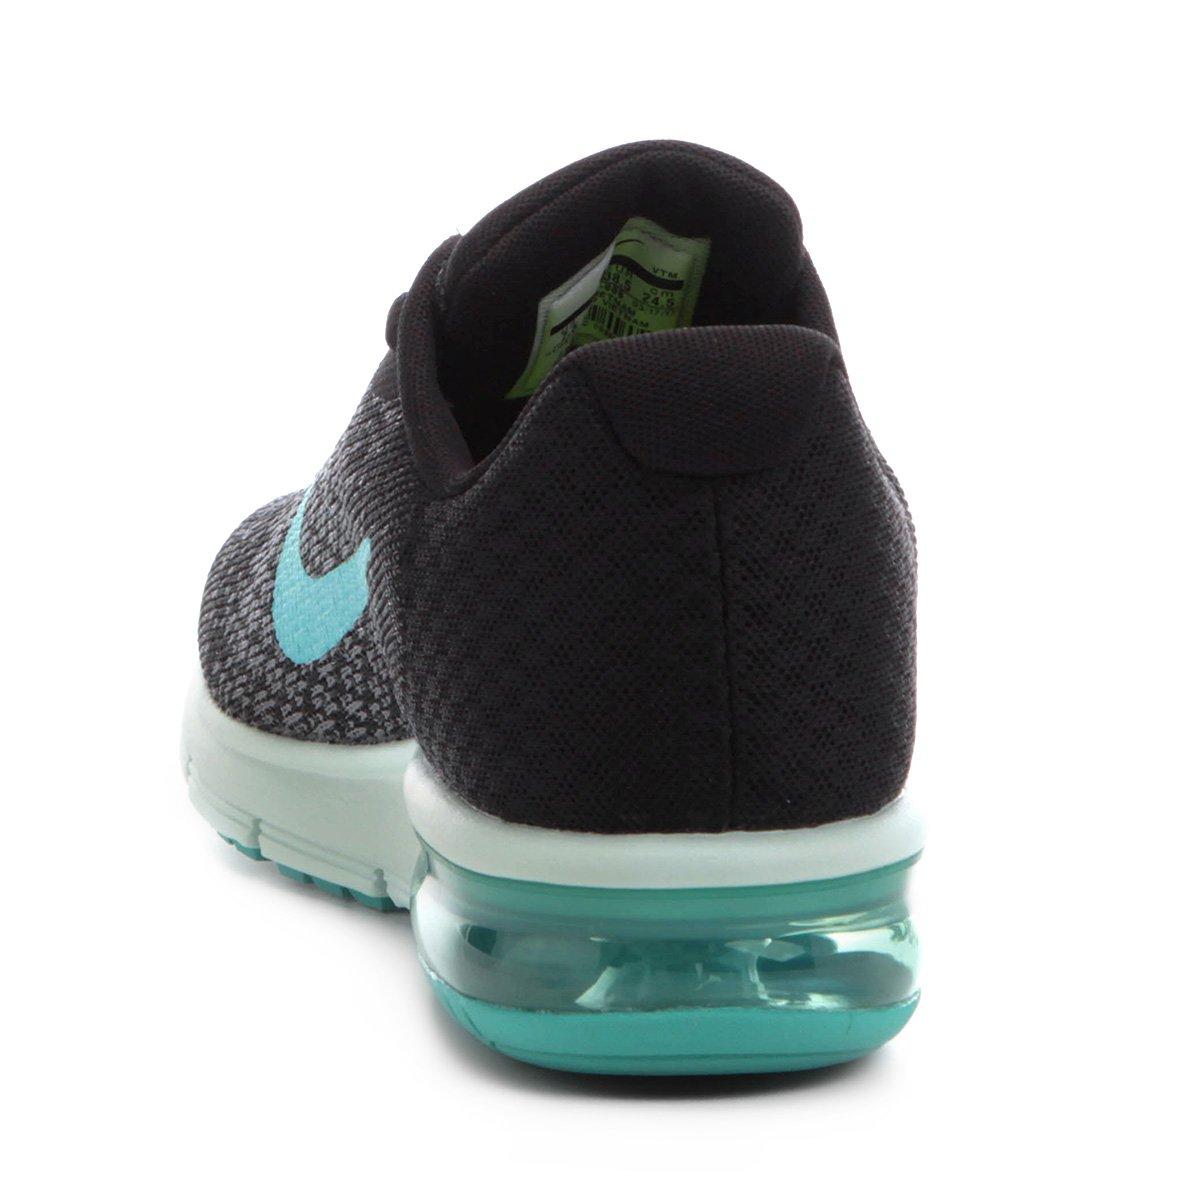 Tênis Nike Air Max Sequent 2 Feminino Preto E Verde água